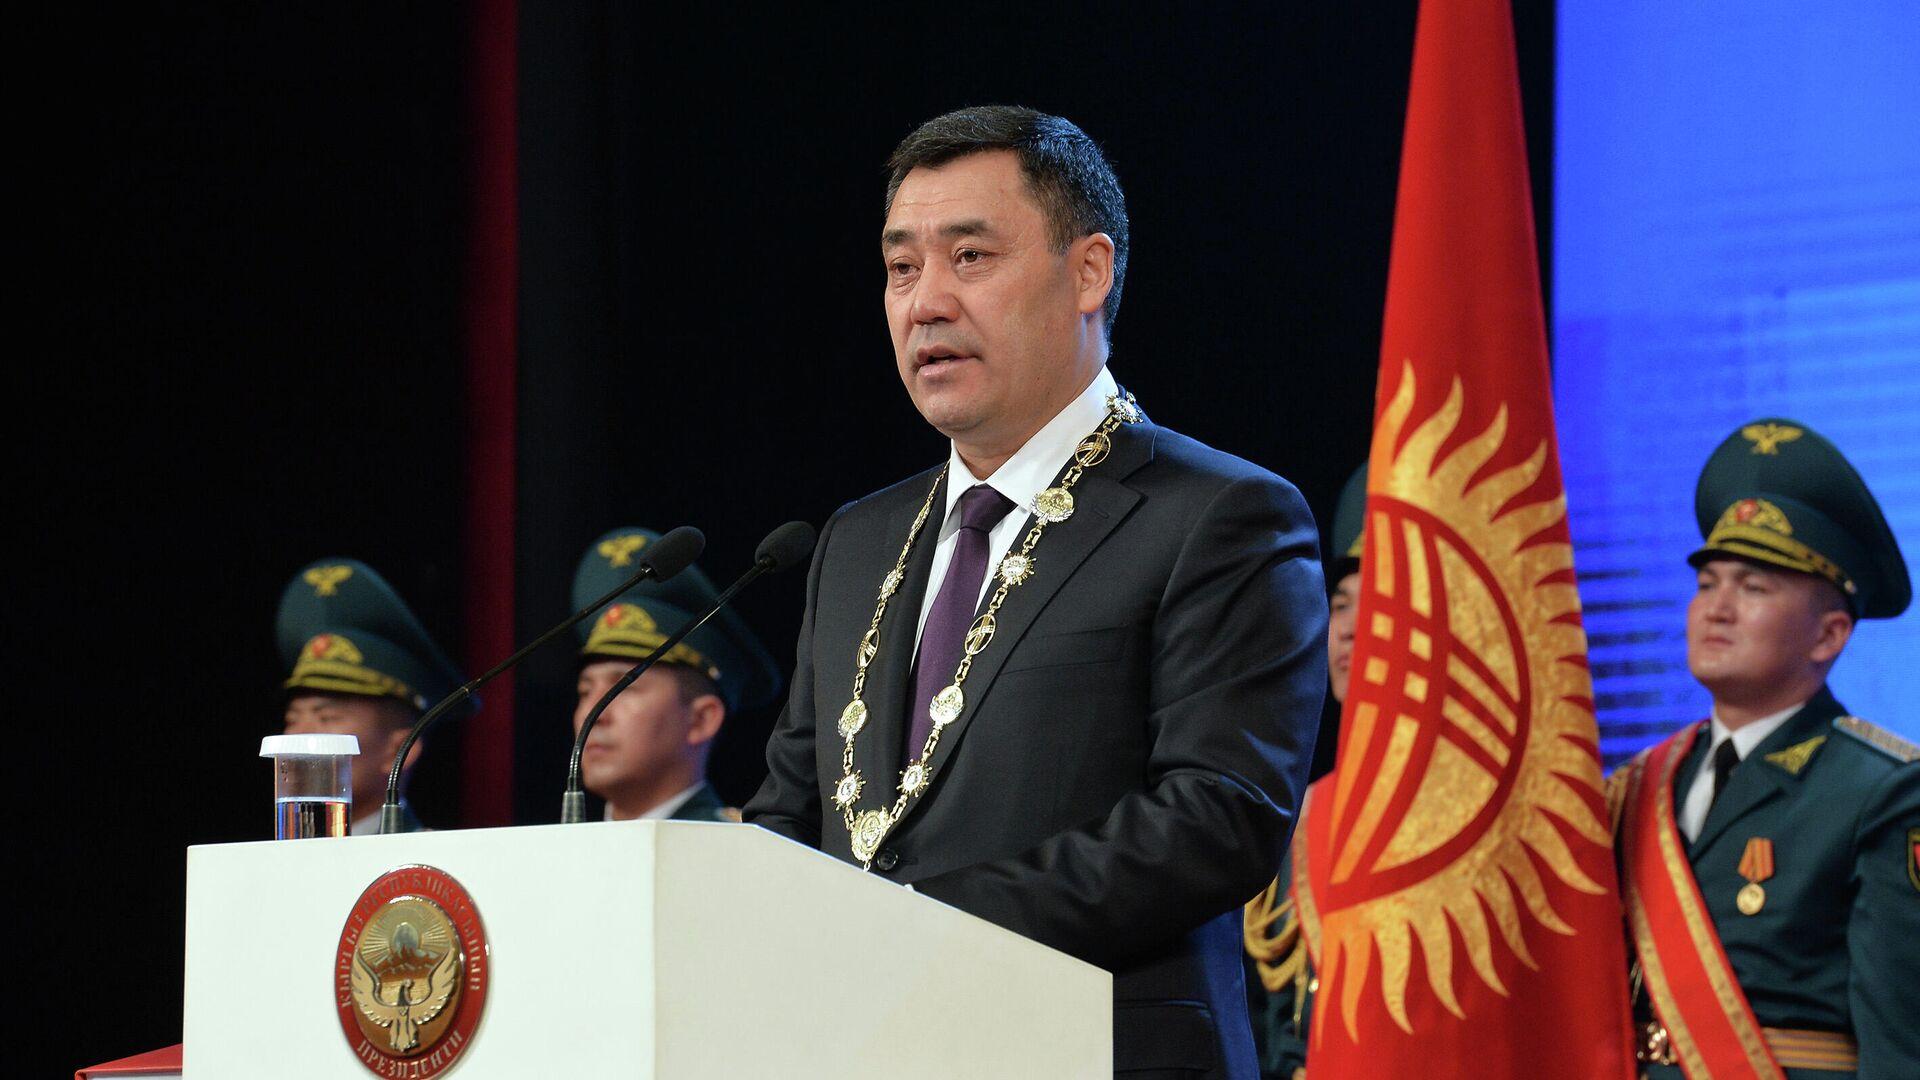 Президент Садыр Жапаров во время инаугурации в Киргизии - РИА Новости, 1920, 24.02.2021